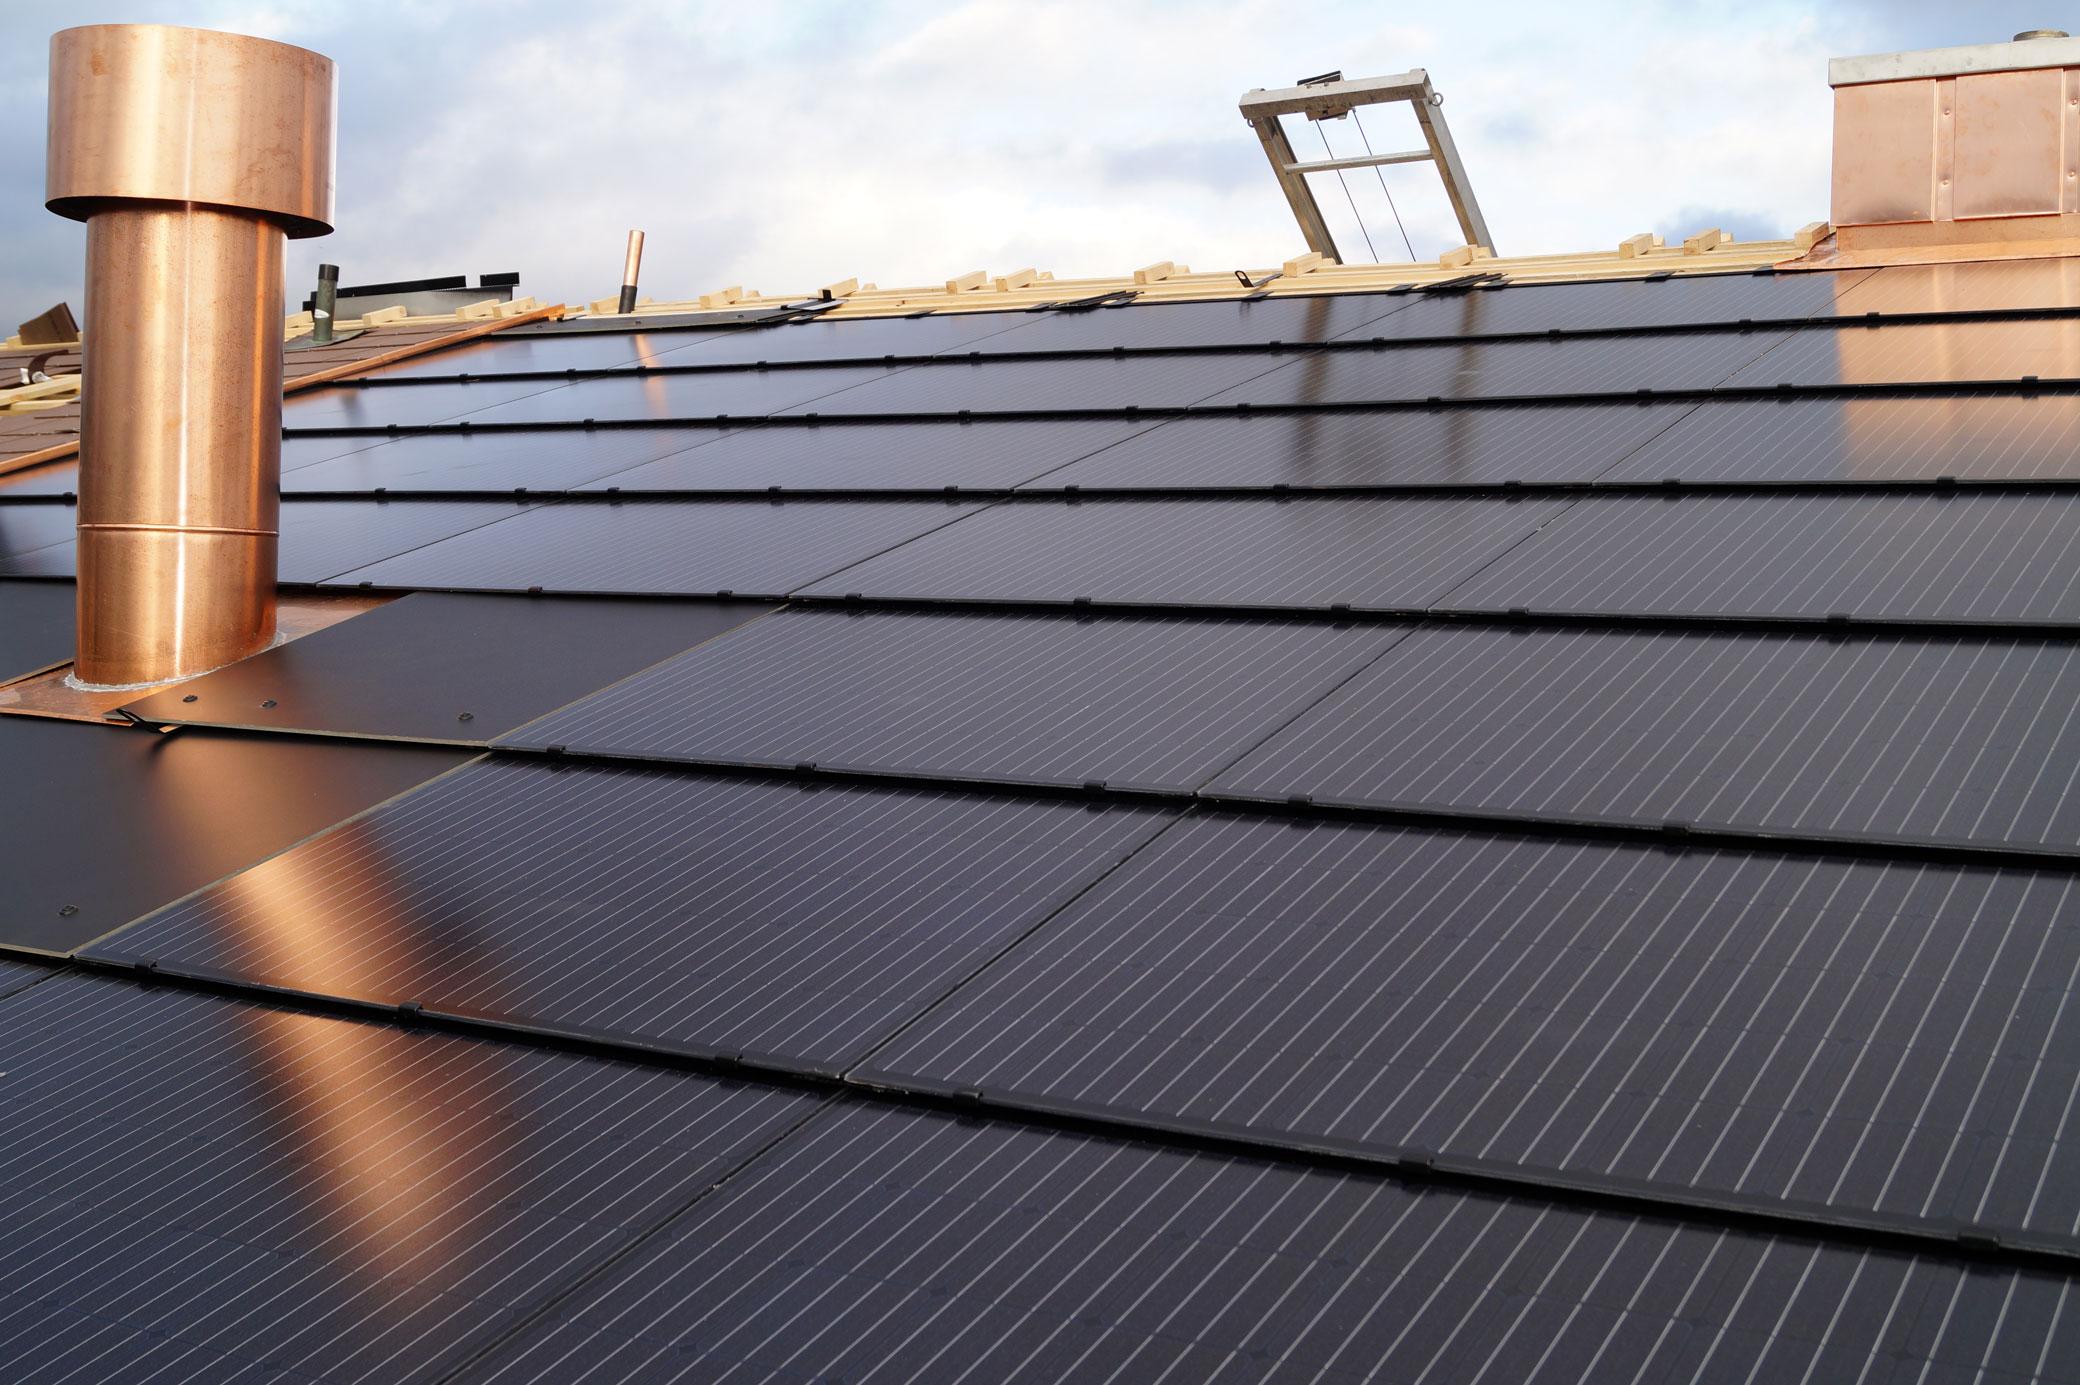 Bild Solarenergie